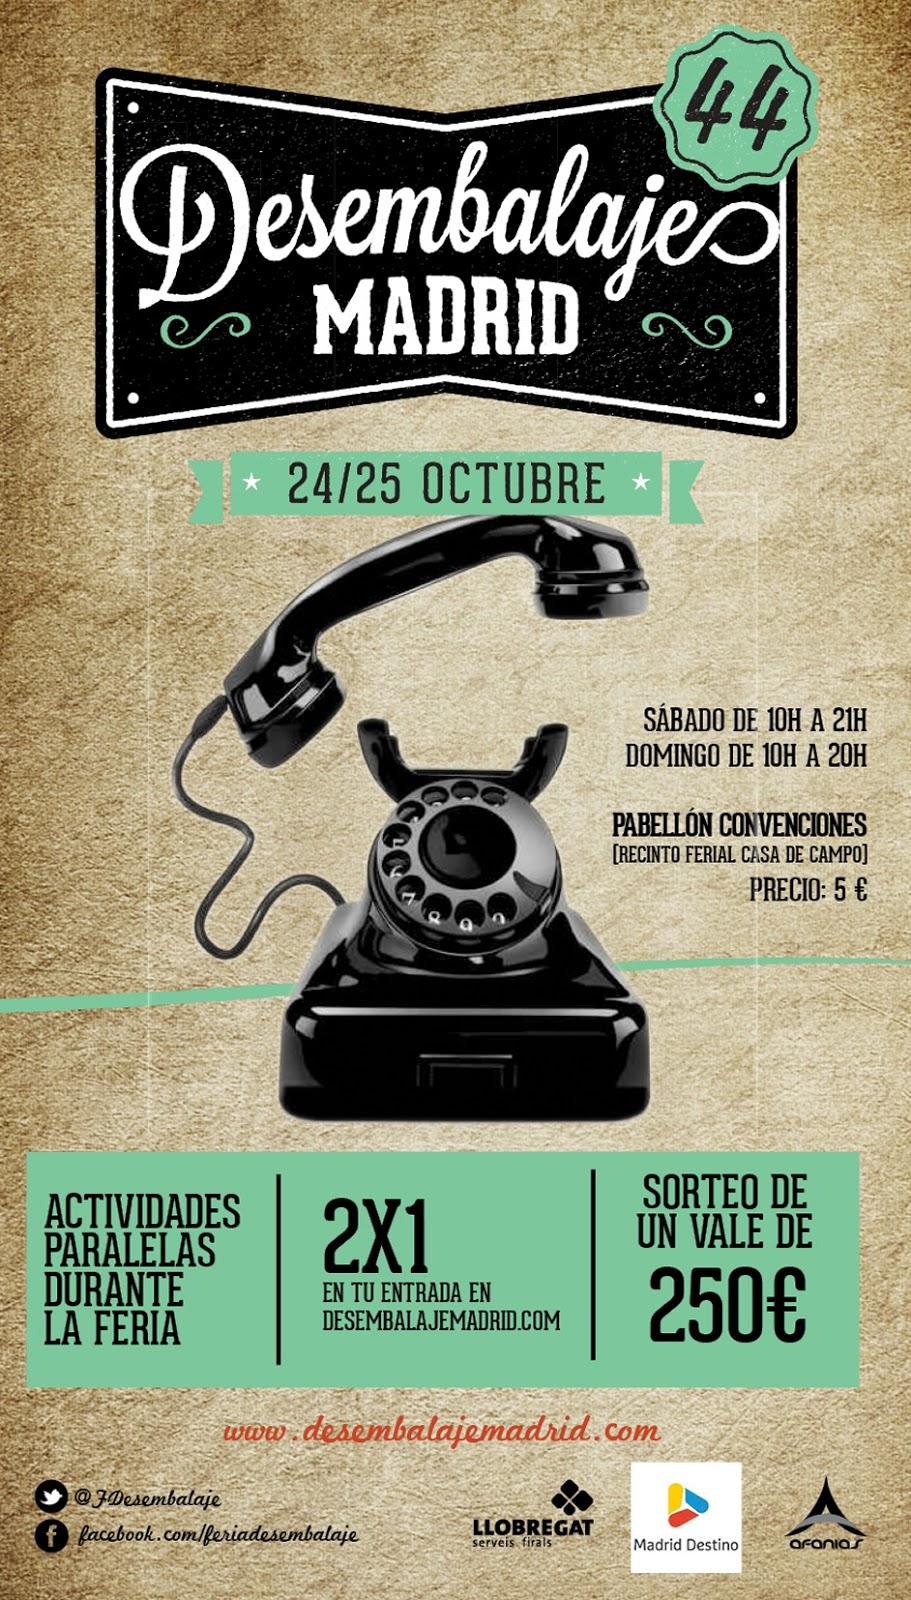 El country chic es la tendencia invitada en la feria de desembalaje de madrid 24 25 octubre - Recinto ferial casa de campo madrid ...